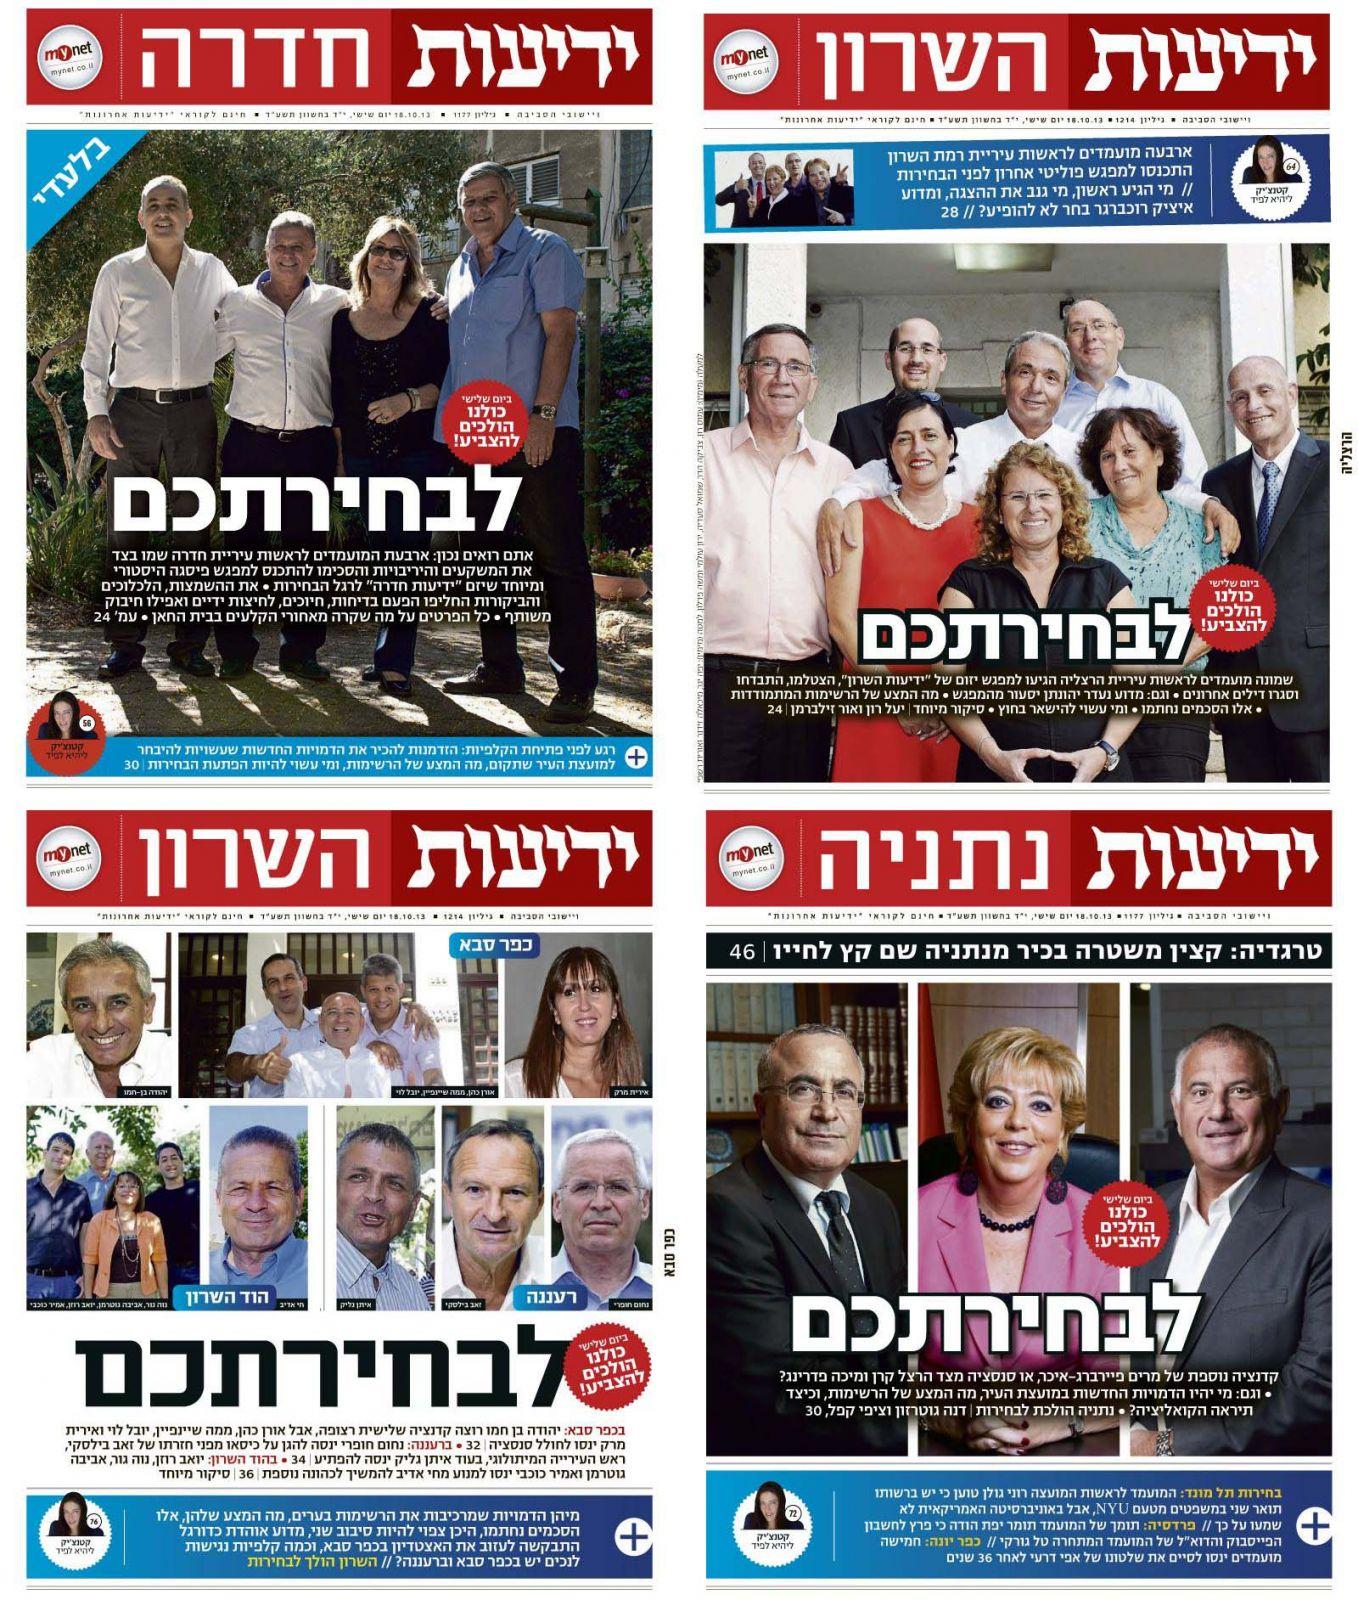 שערי מקומונים של ידיעות-תקשורת באזור השרון, ערב הבחירות המקומיות 2013